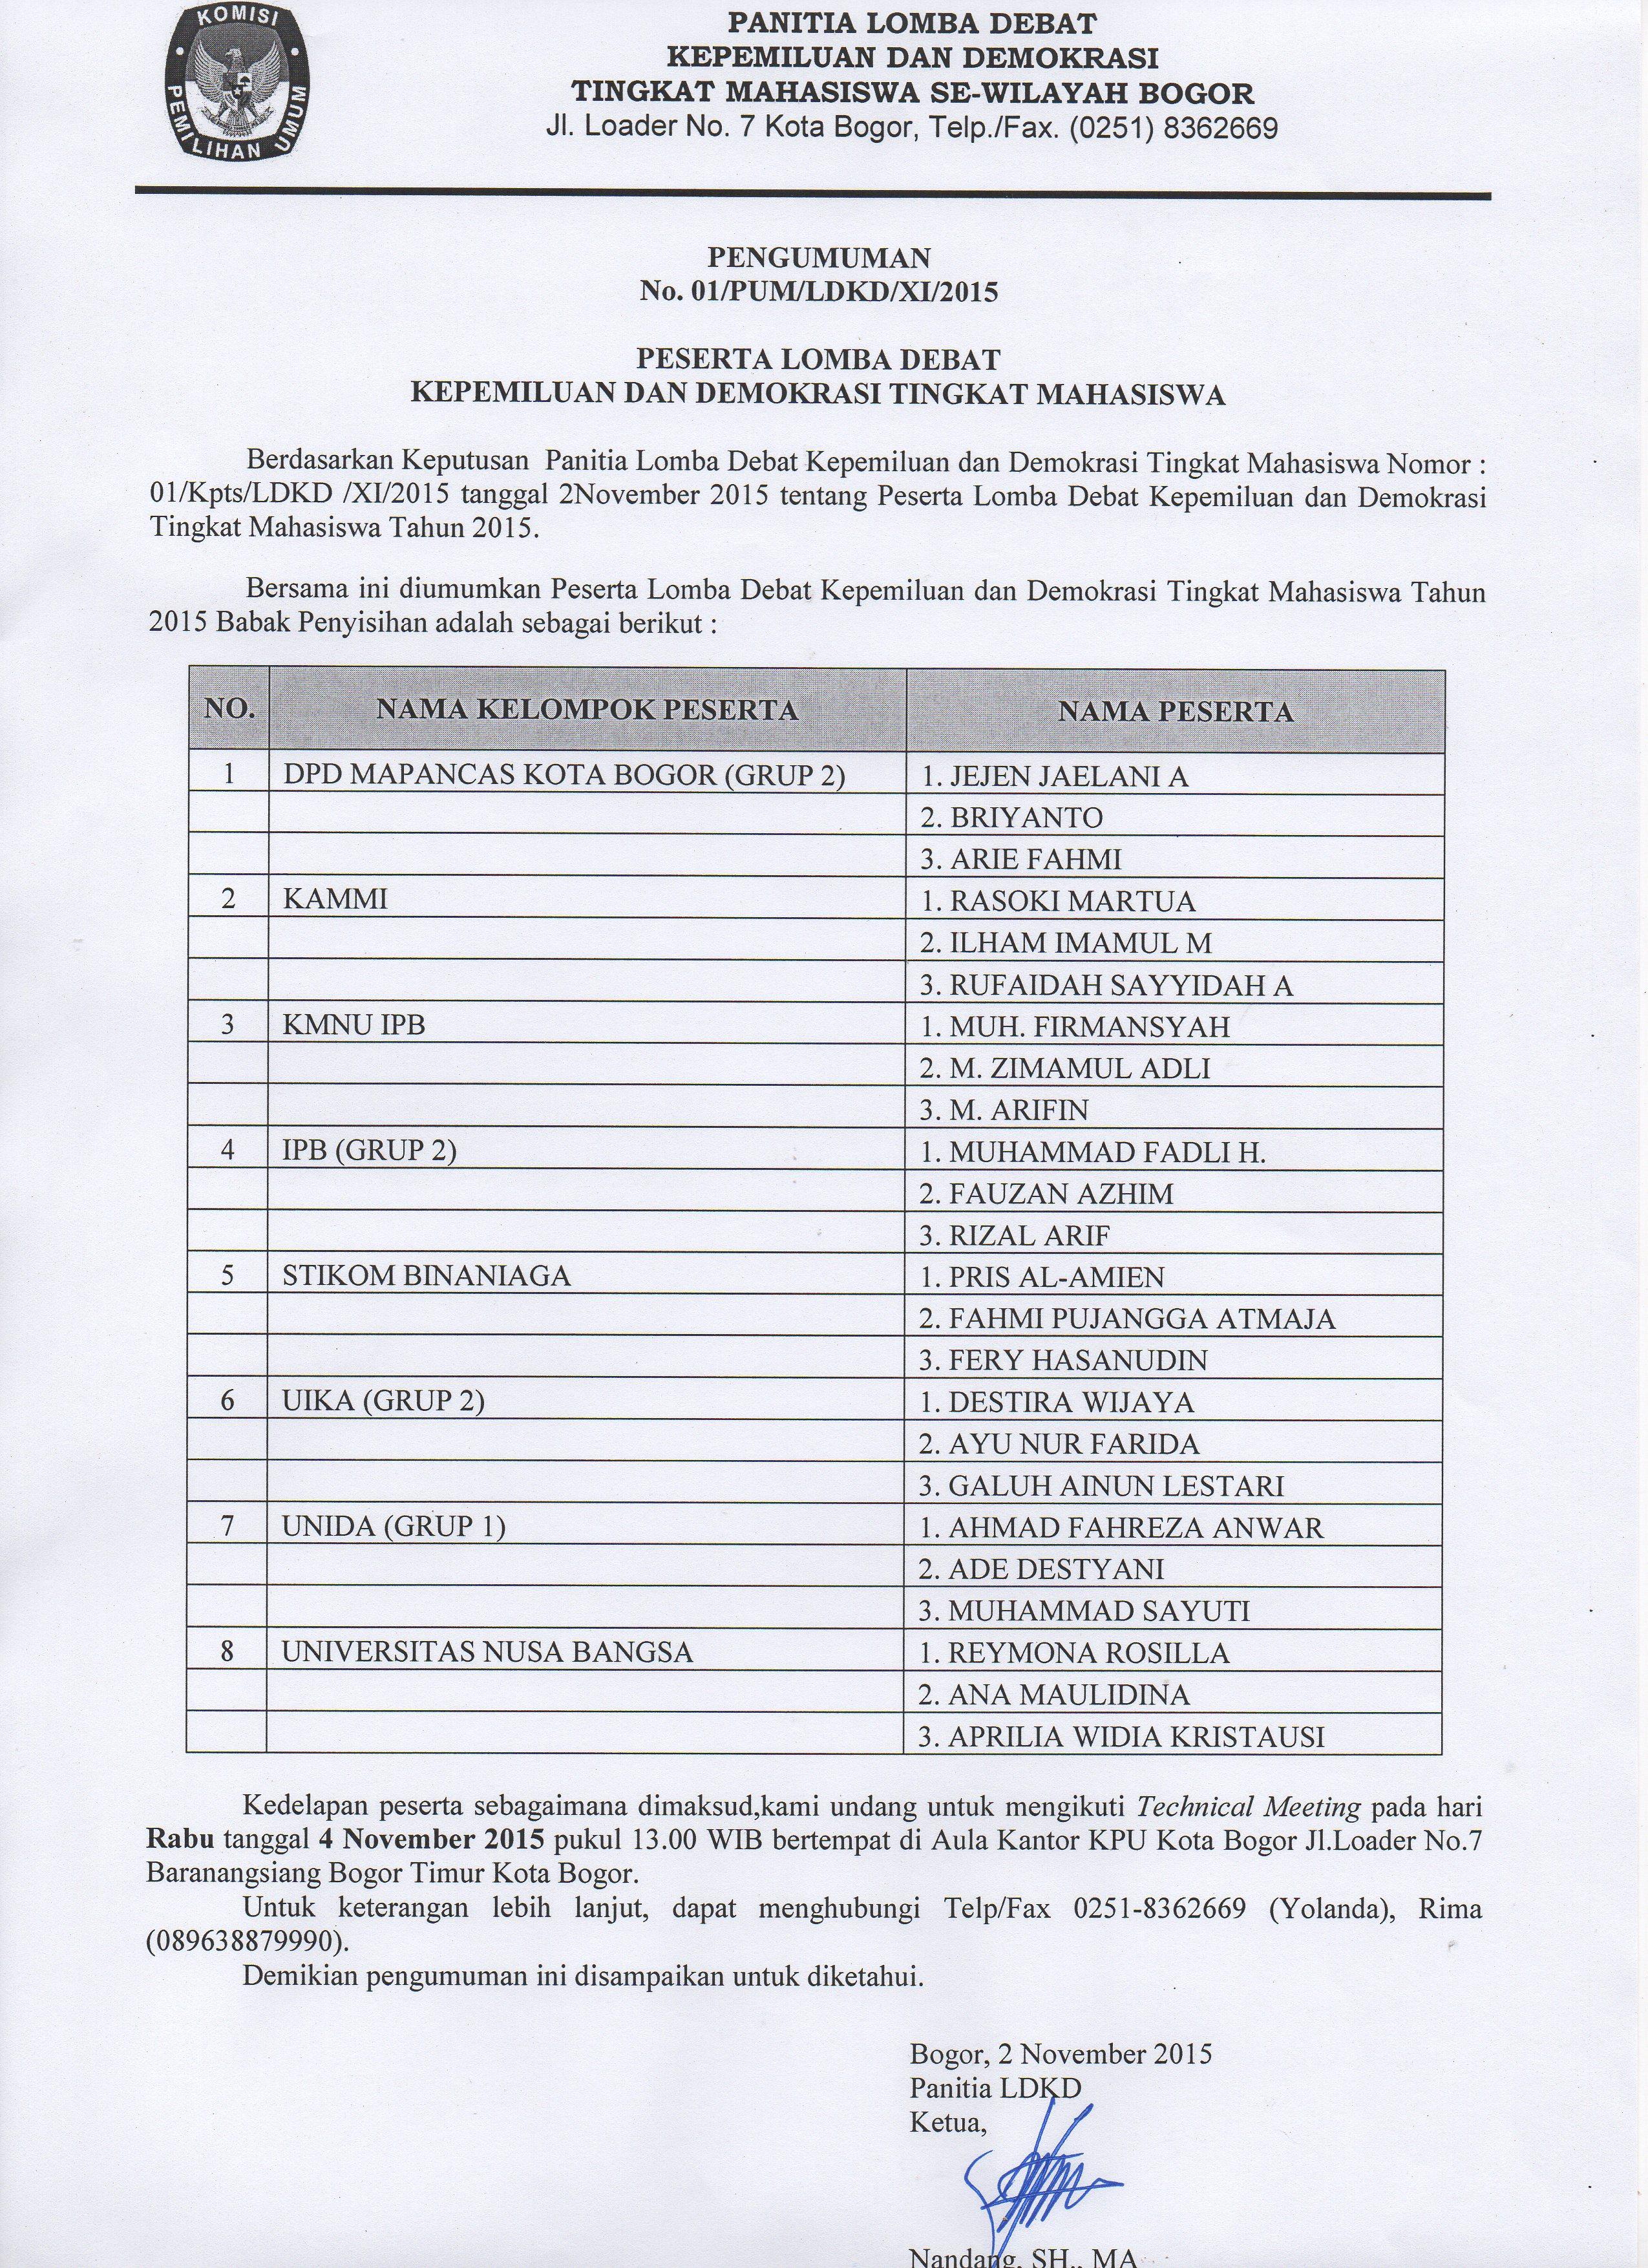 PENGUMUMAN PESERTA LOMBA DEBAT KEPEMILUAN DAN DEMOKRASI TINGKAT MAHASISWA TAHUN 2015